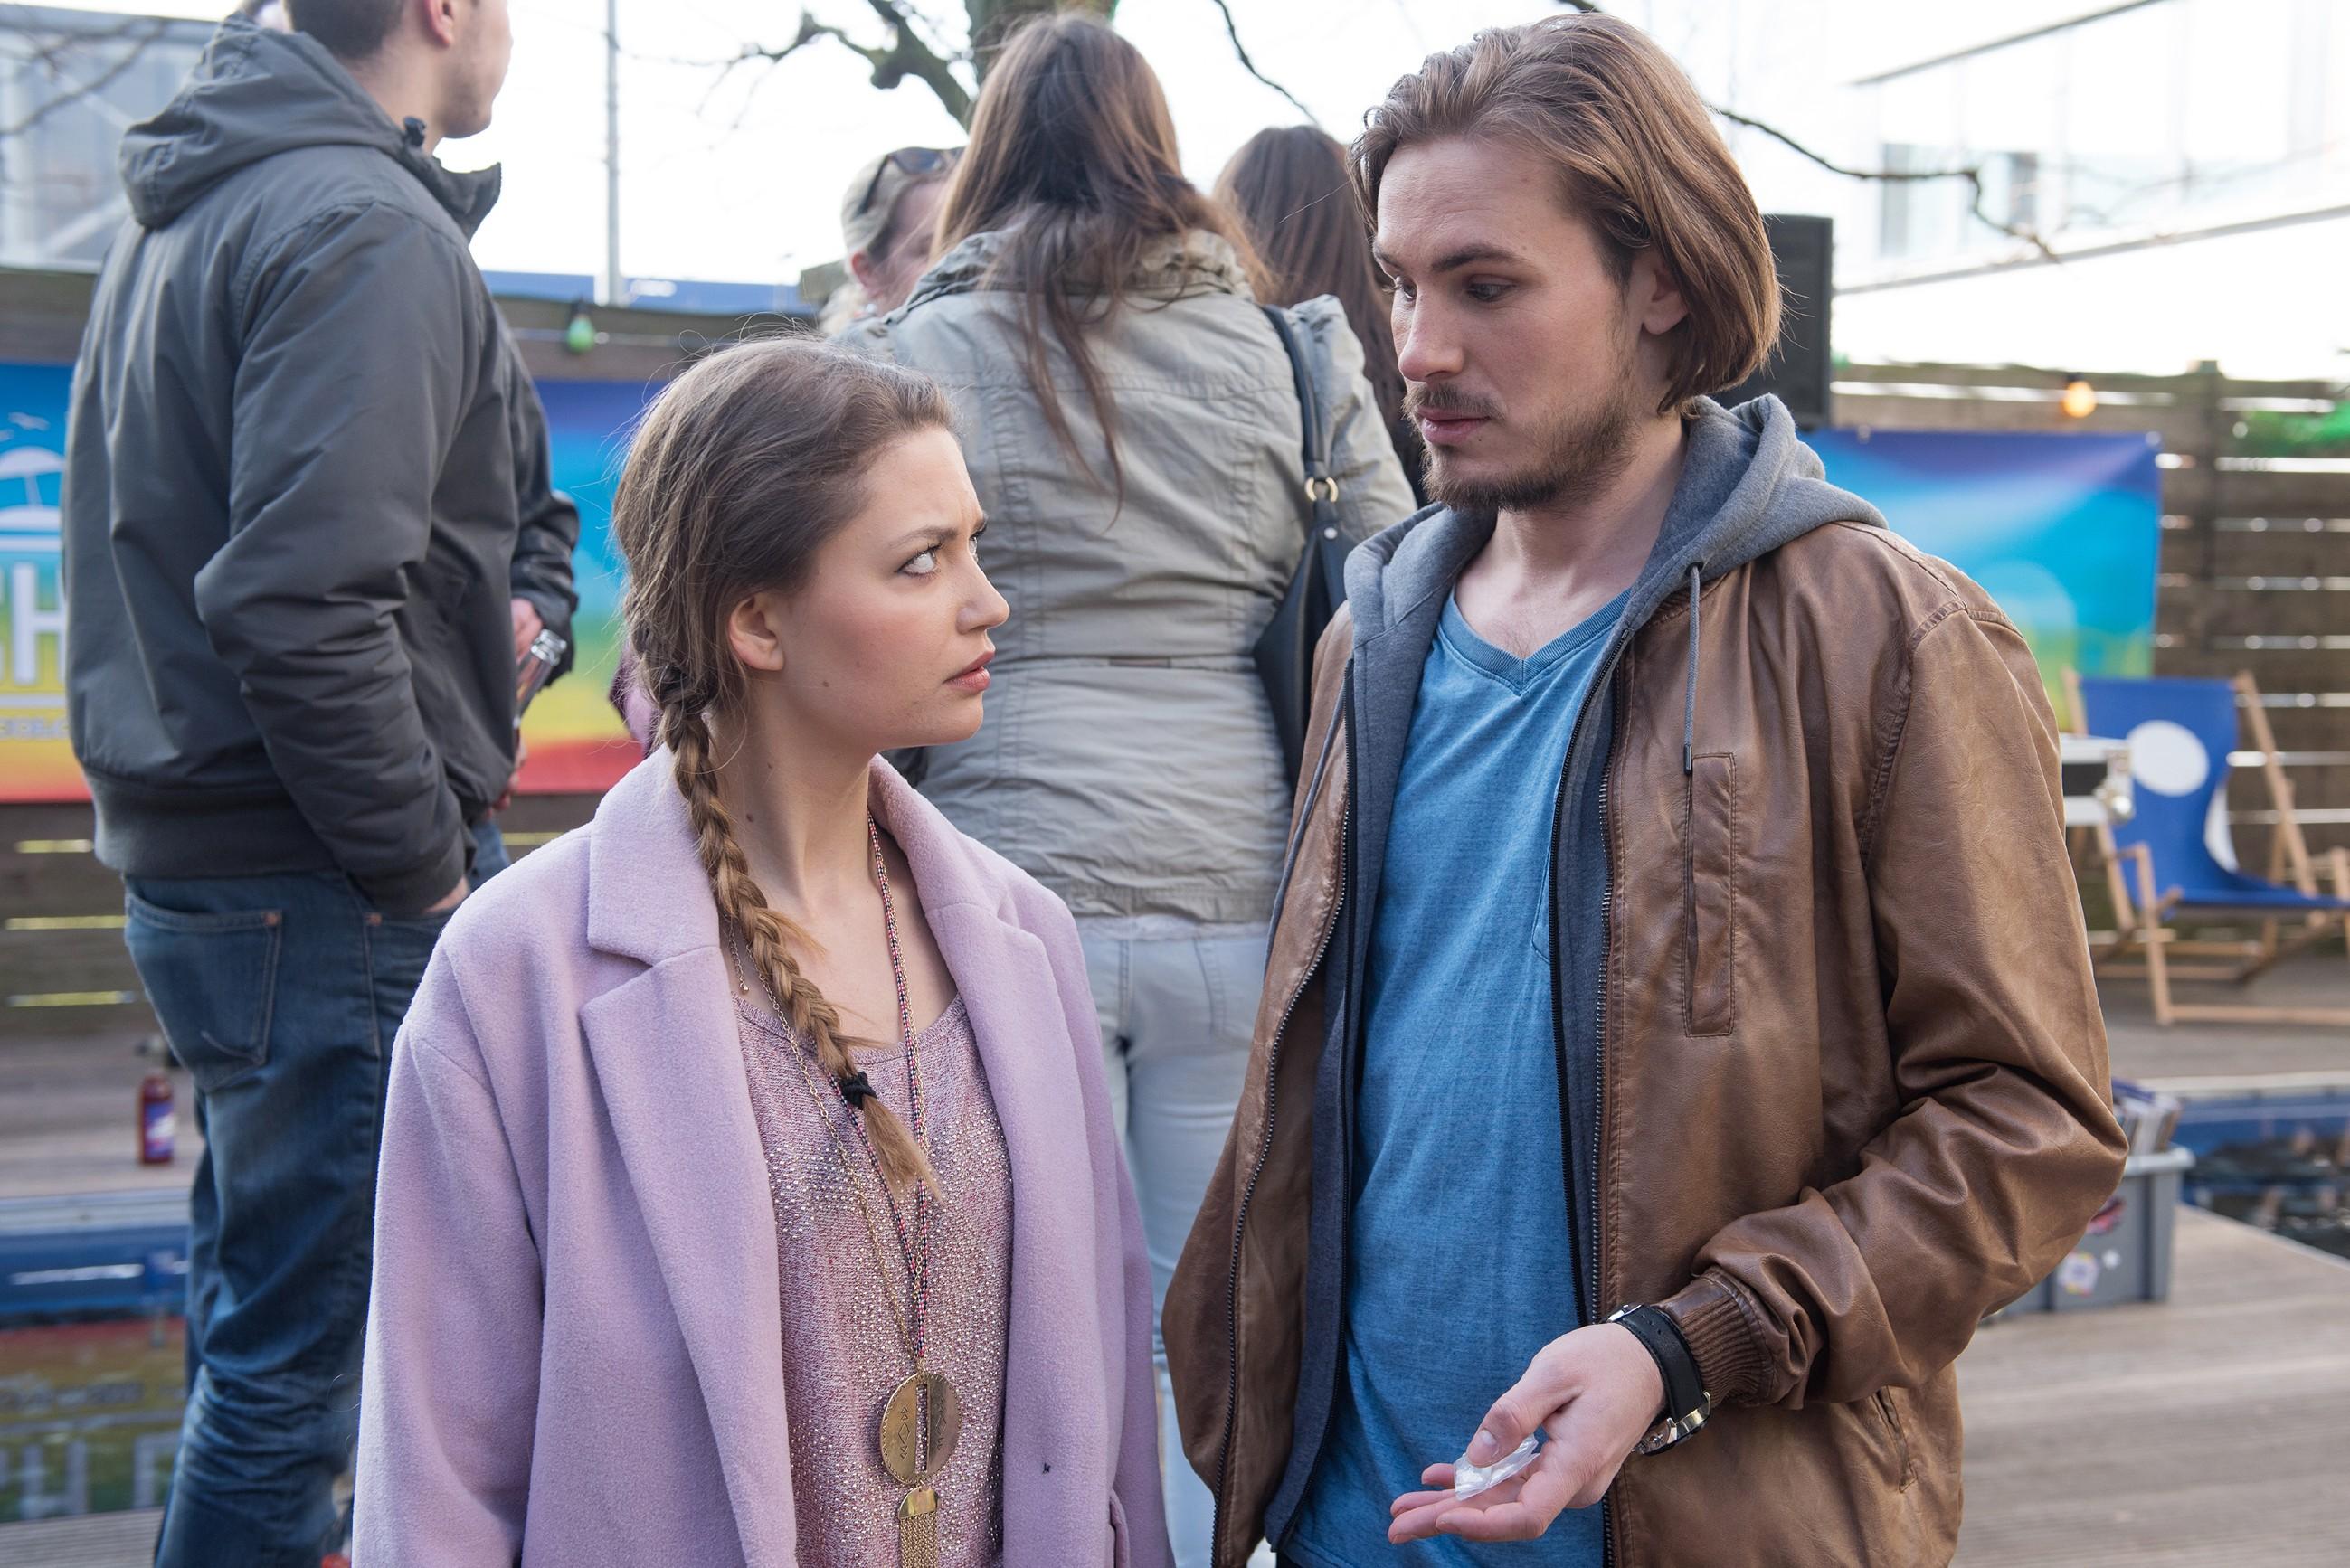 Als der Dealer Paul Schrader (Alexander Milz) Jule (Amrei Haardt) eine neuartige Pille als Liebes-Wundermittel anpreist, gerät Jule in Versuchung...